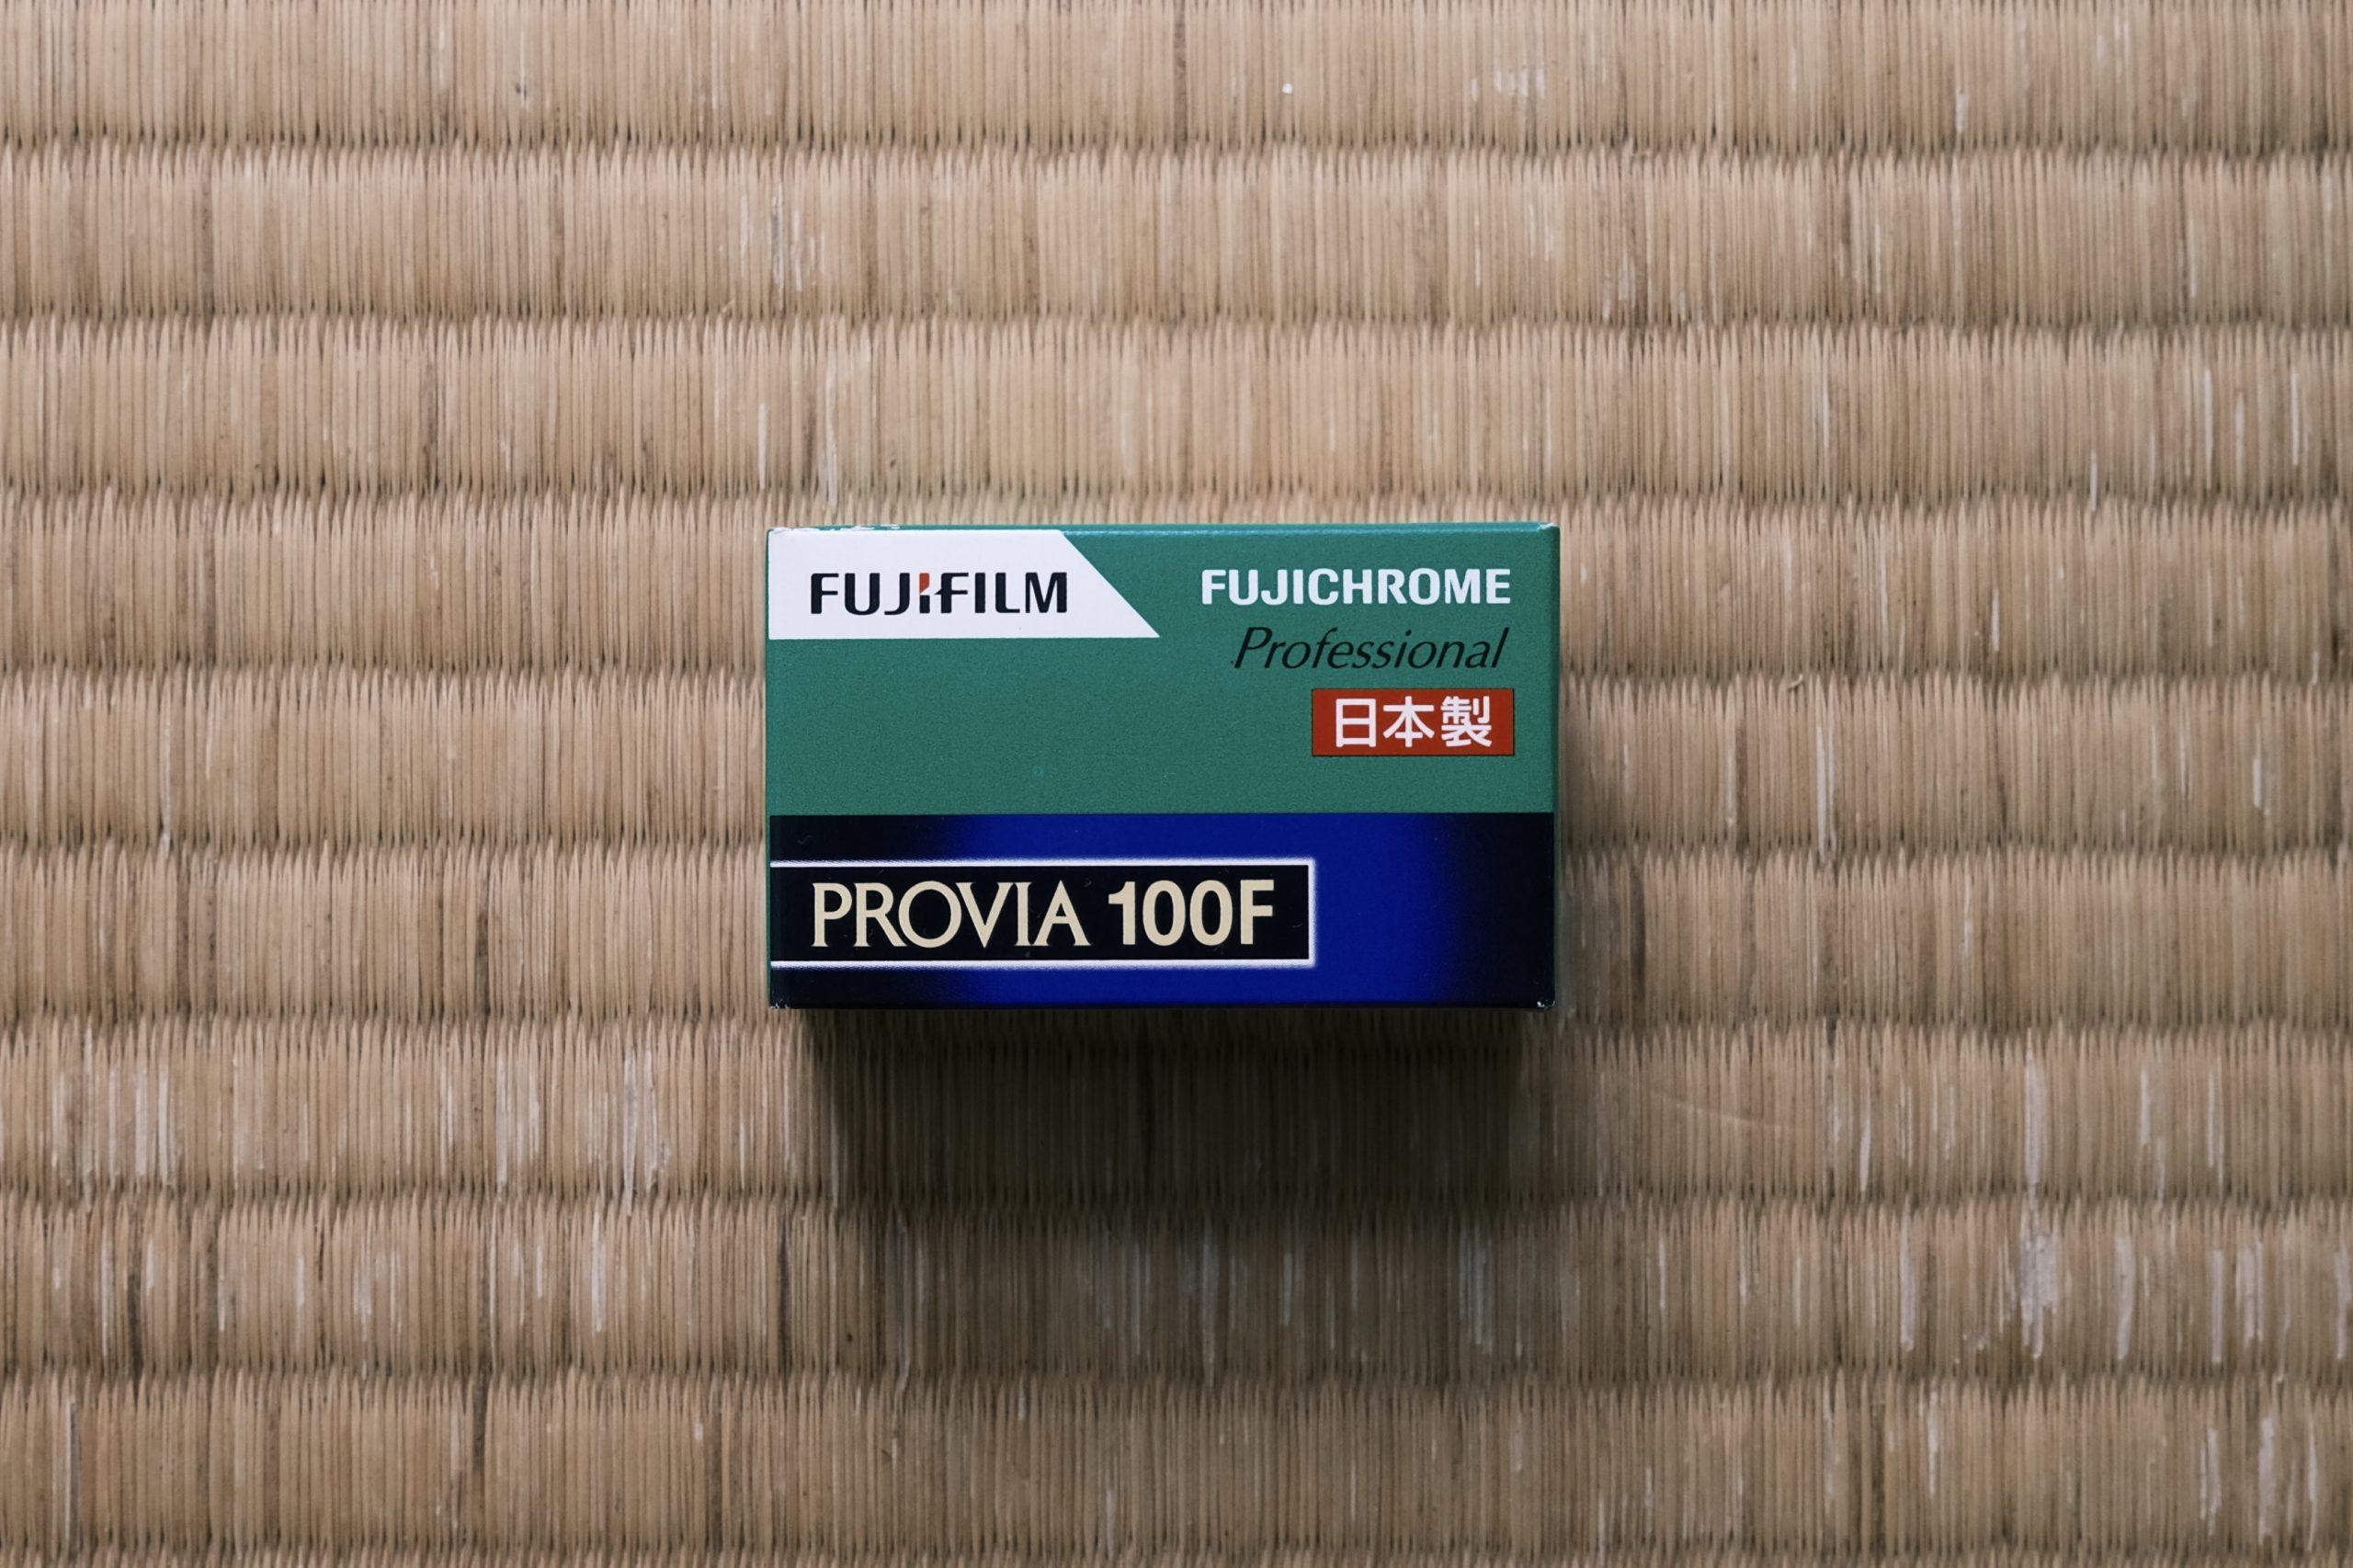 銀塩写真列伝 FUJIFILM  PROVIA100F編